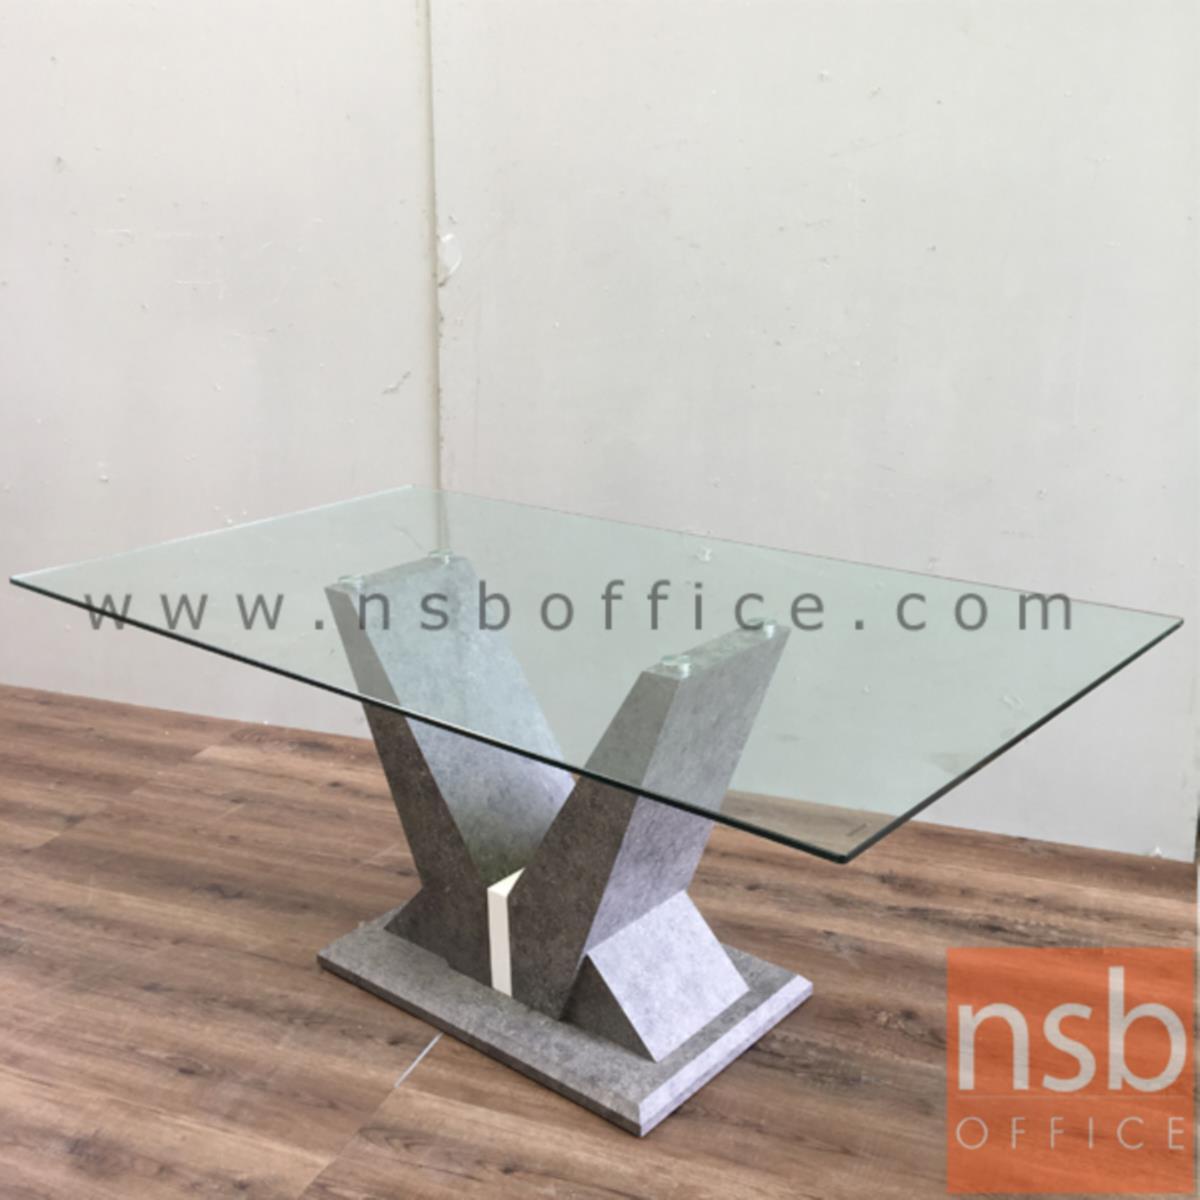 A09A125:โต๊ะประชุมเหลี่ยมหน้ากระจก รุ่น Sheeran (ชีแรน) ขนาด 180W cm.  ขากล่องไม้ MDF